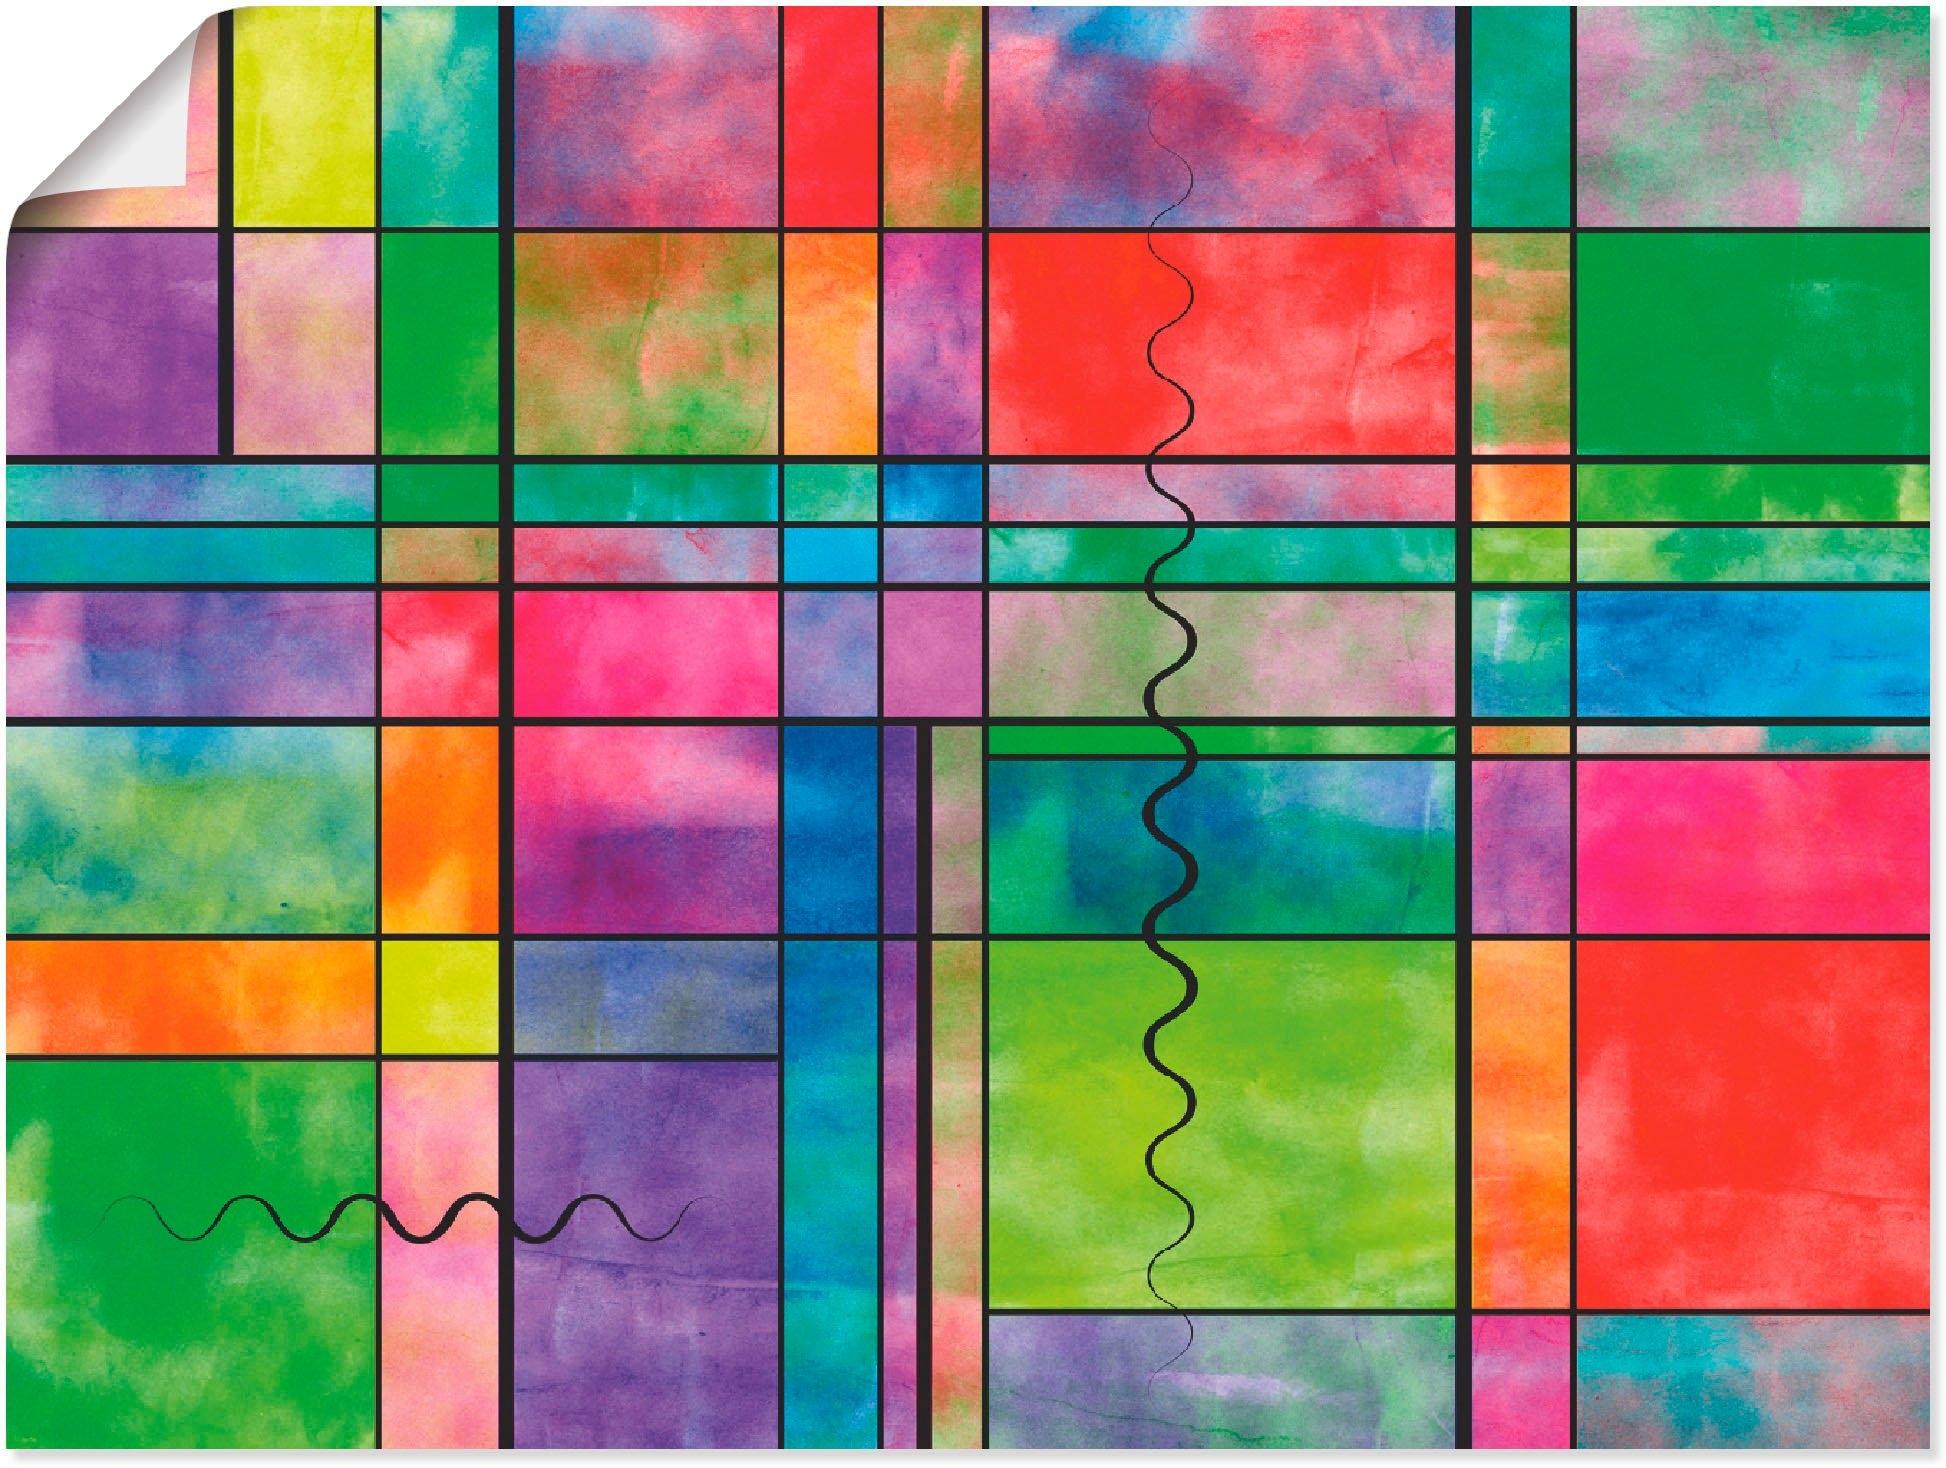 Artland Artprint Multicolour Abstract in vele afmetingen & productsoorten -artprint op linnen, poster, muursticker / wandfolie ook geschikt voor de badkamer (1 stuk) nu online kopen bij OTTO